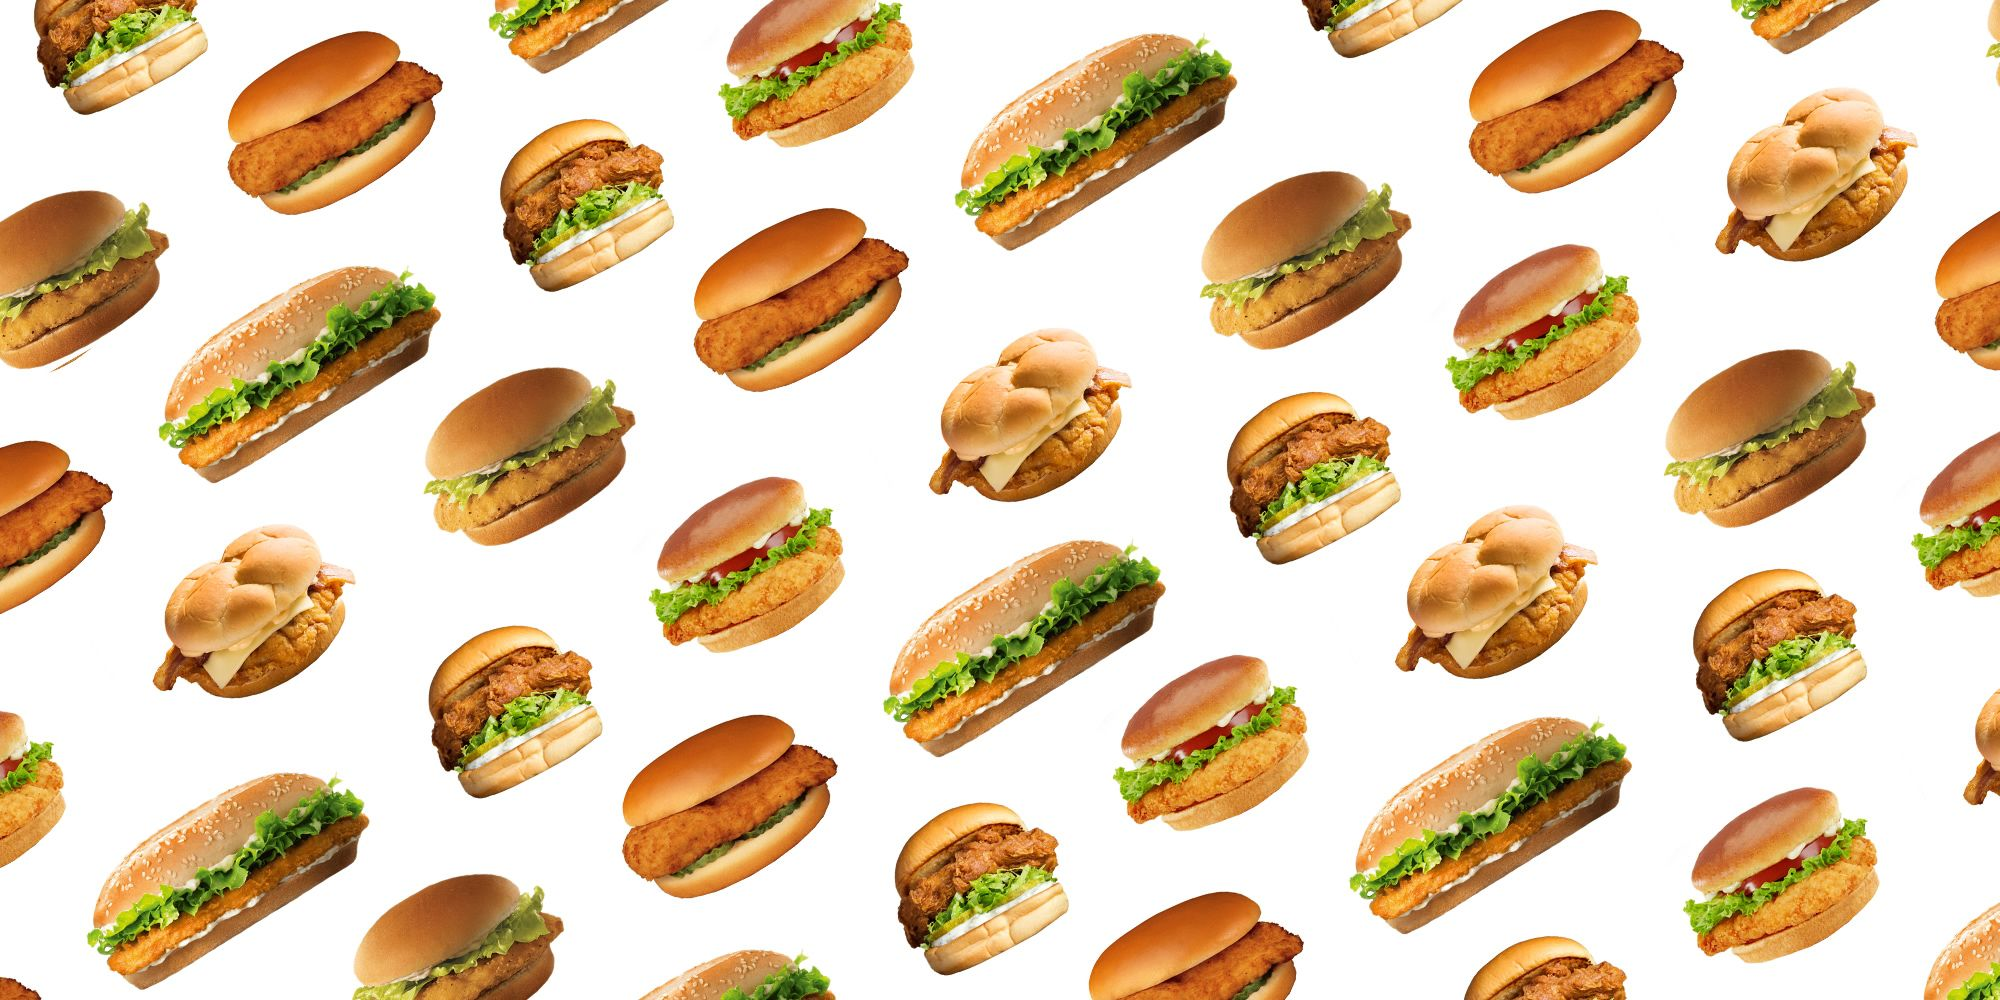 Best Fast Food Fried Chicken Sandwiches - Chicken Sandwiches Ranked